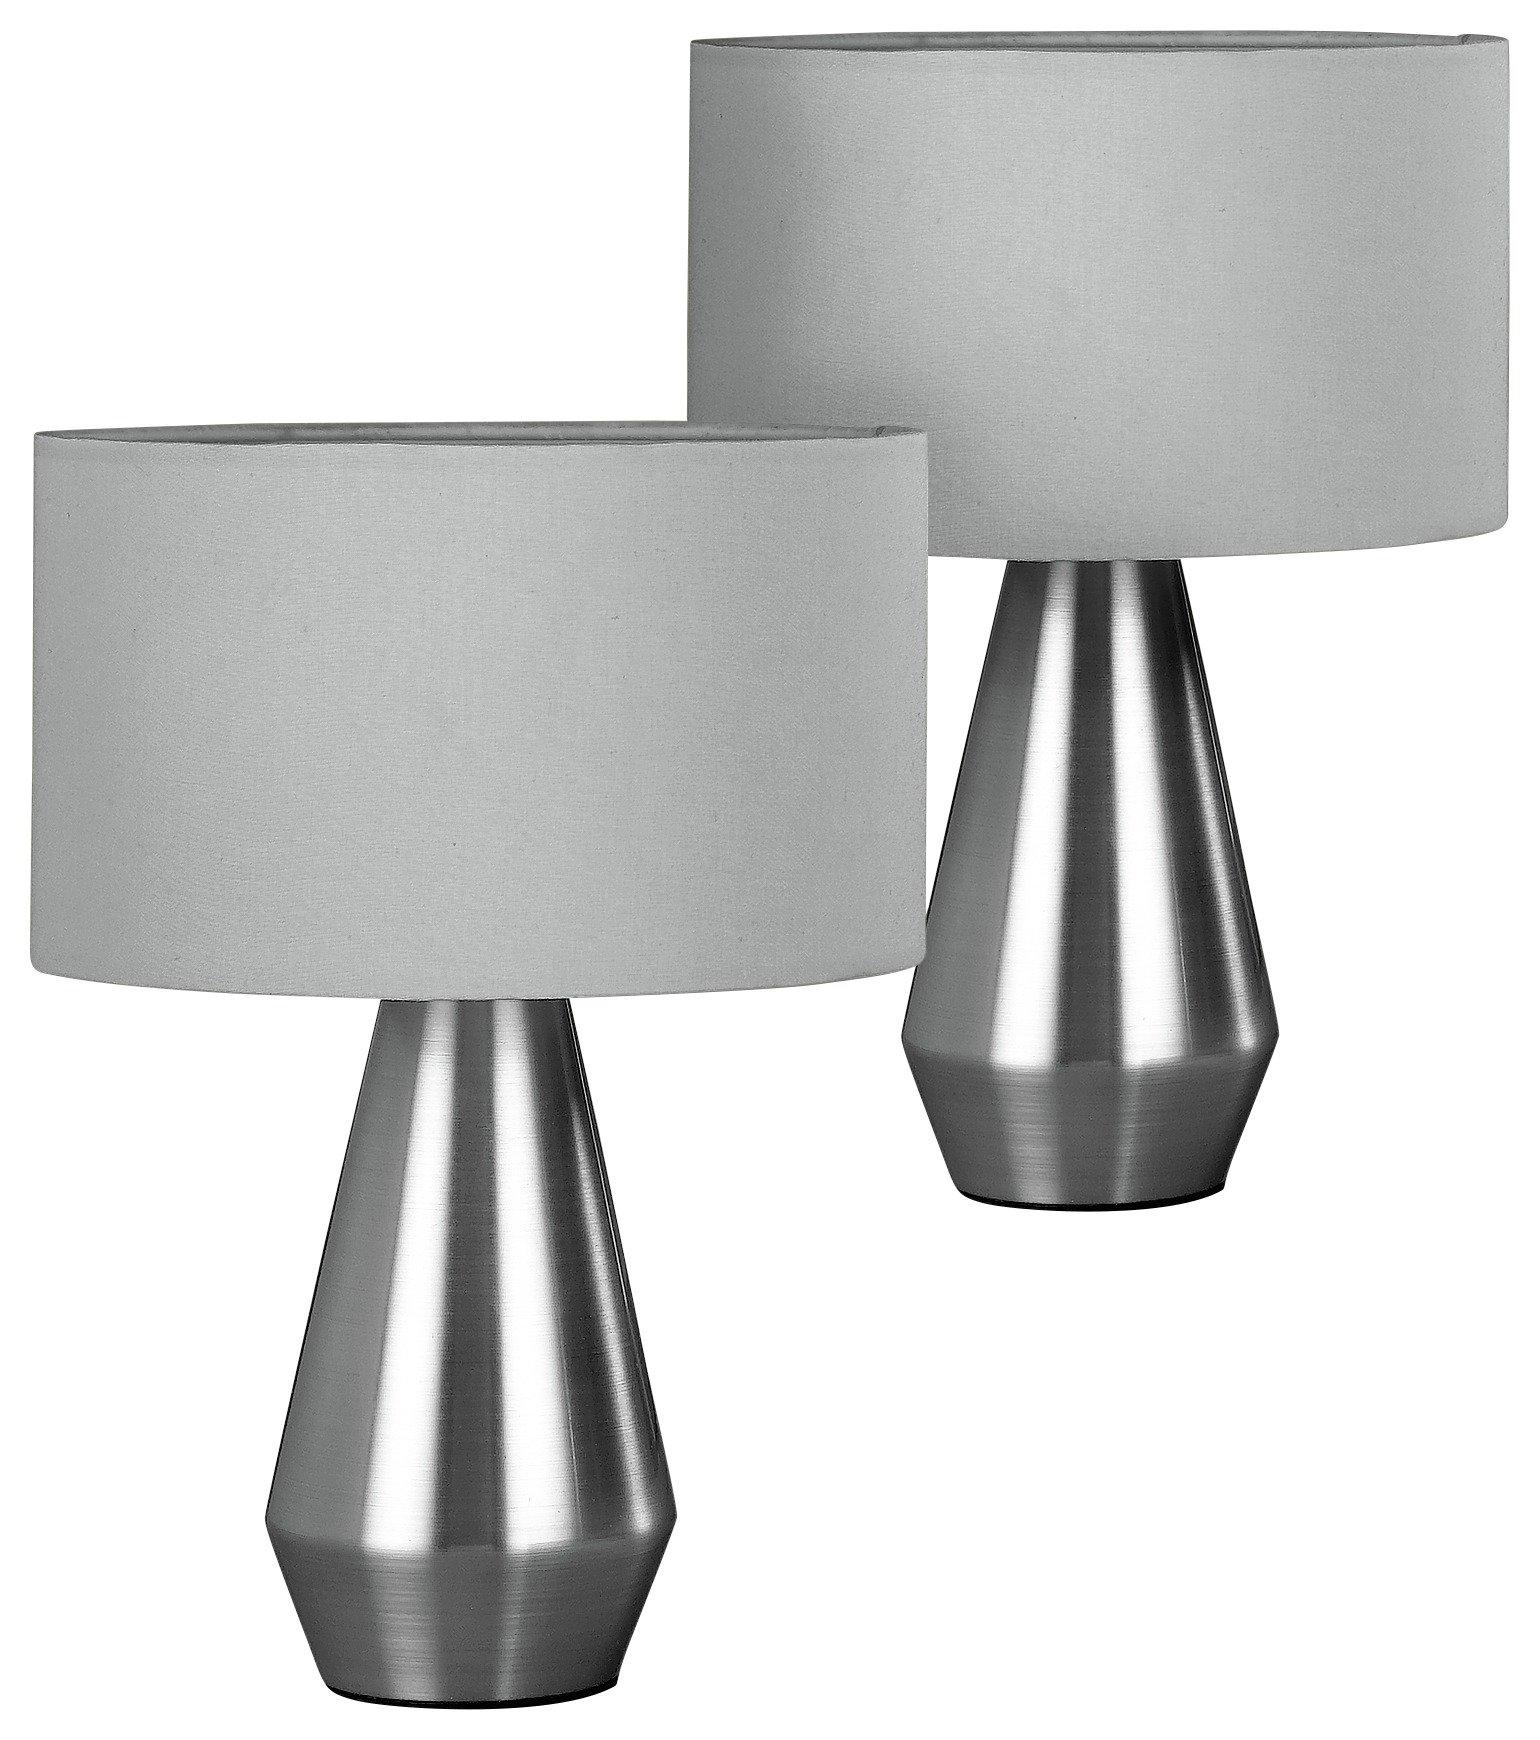 Habitat – Maya Pair of – Table Lamps – Grey £15.00 @ Argos